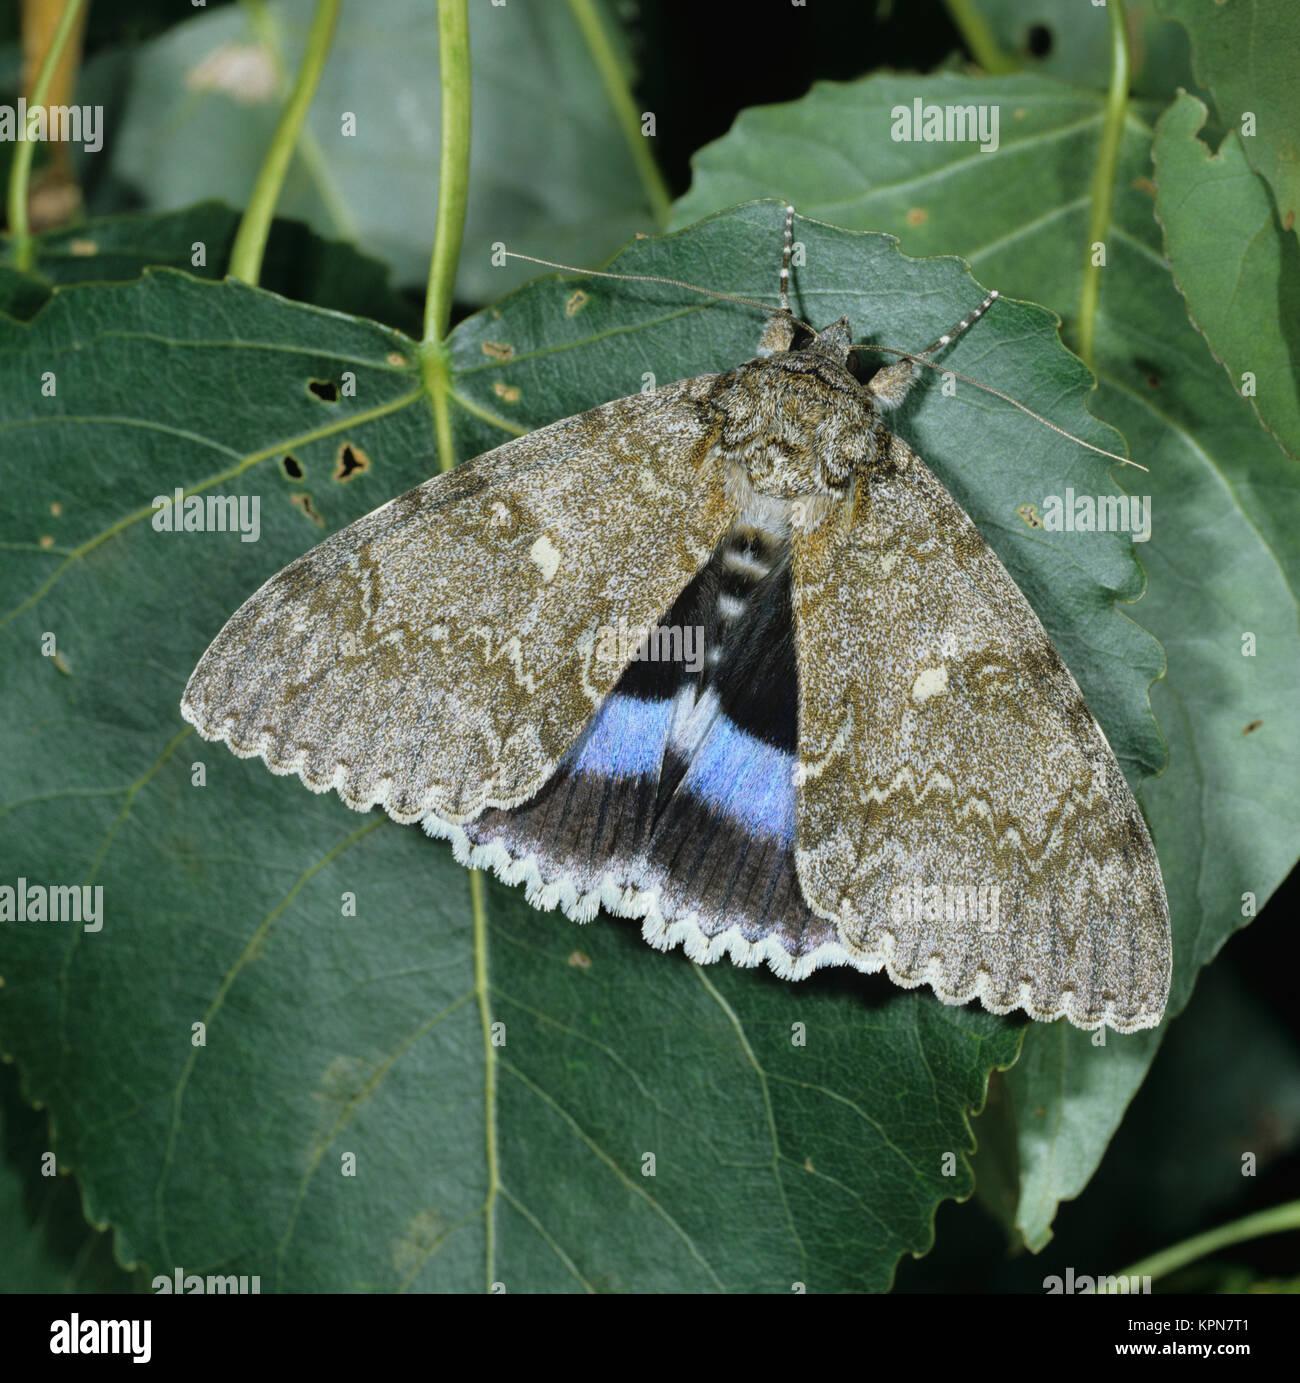 Blaues Ordensband an Pappelblatt. Ein sehr seltener, großer Nachtfalter.                                                                                                                                                                                                                                                                                                                                                                                                                                                                                                                                                 Stock Photo